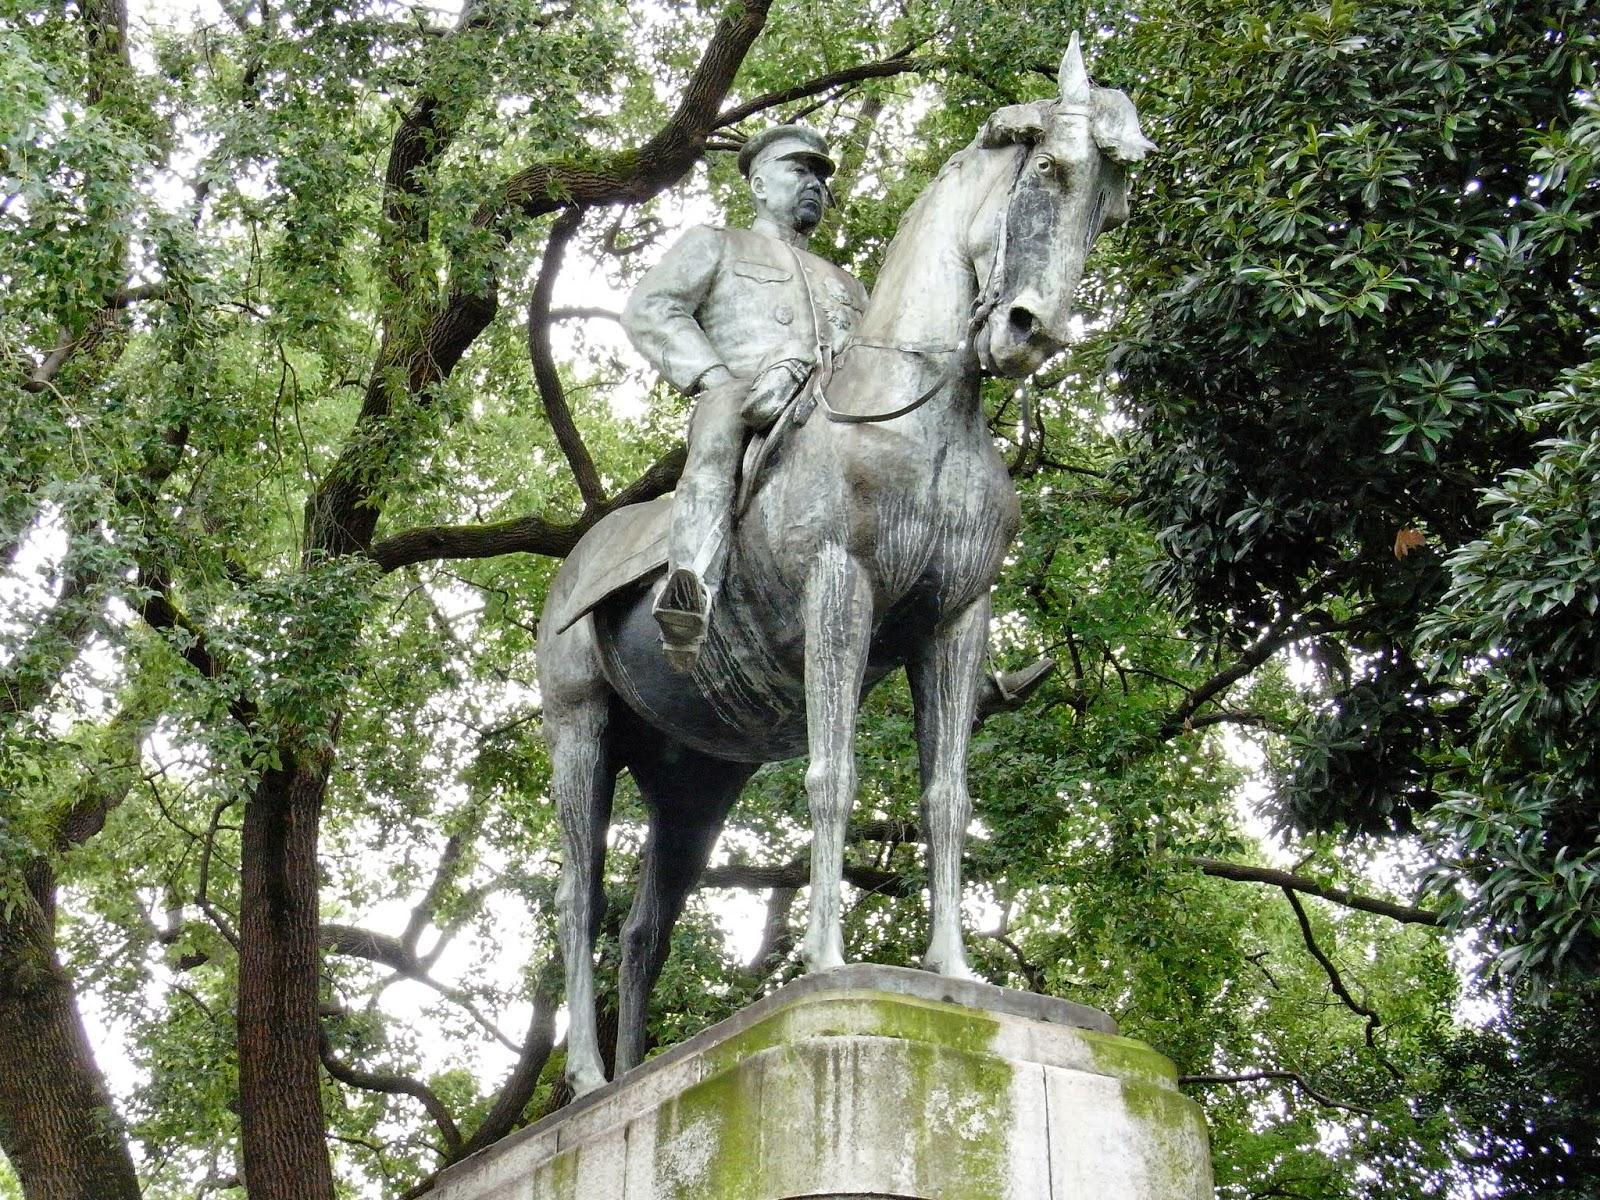 九段坂公園(東京都千代田区) 少し開けた明るいところに立つのが明治の政治家・品川弥二郎。 内務大